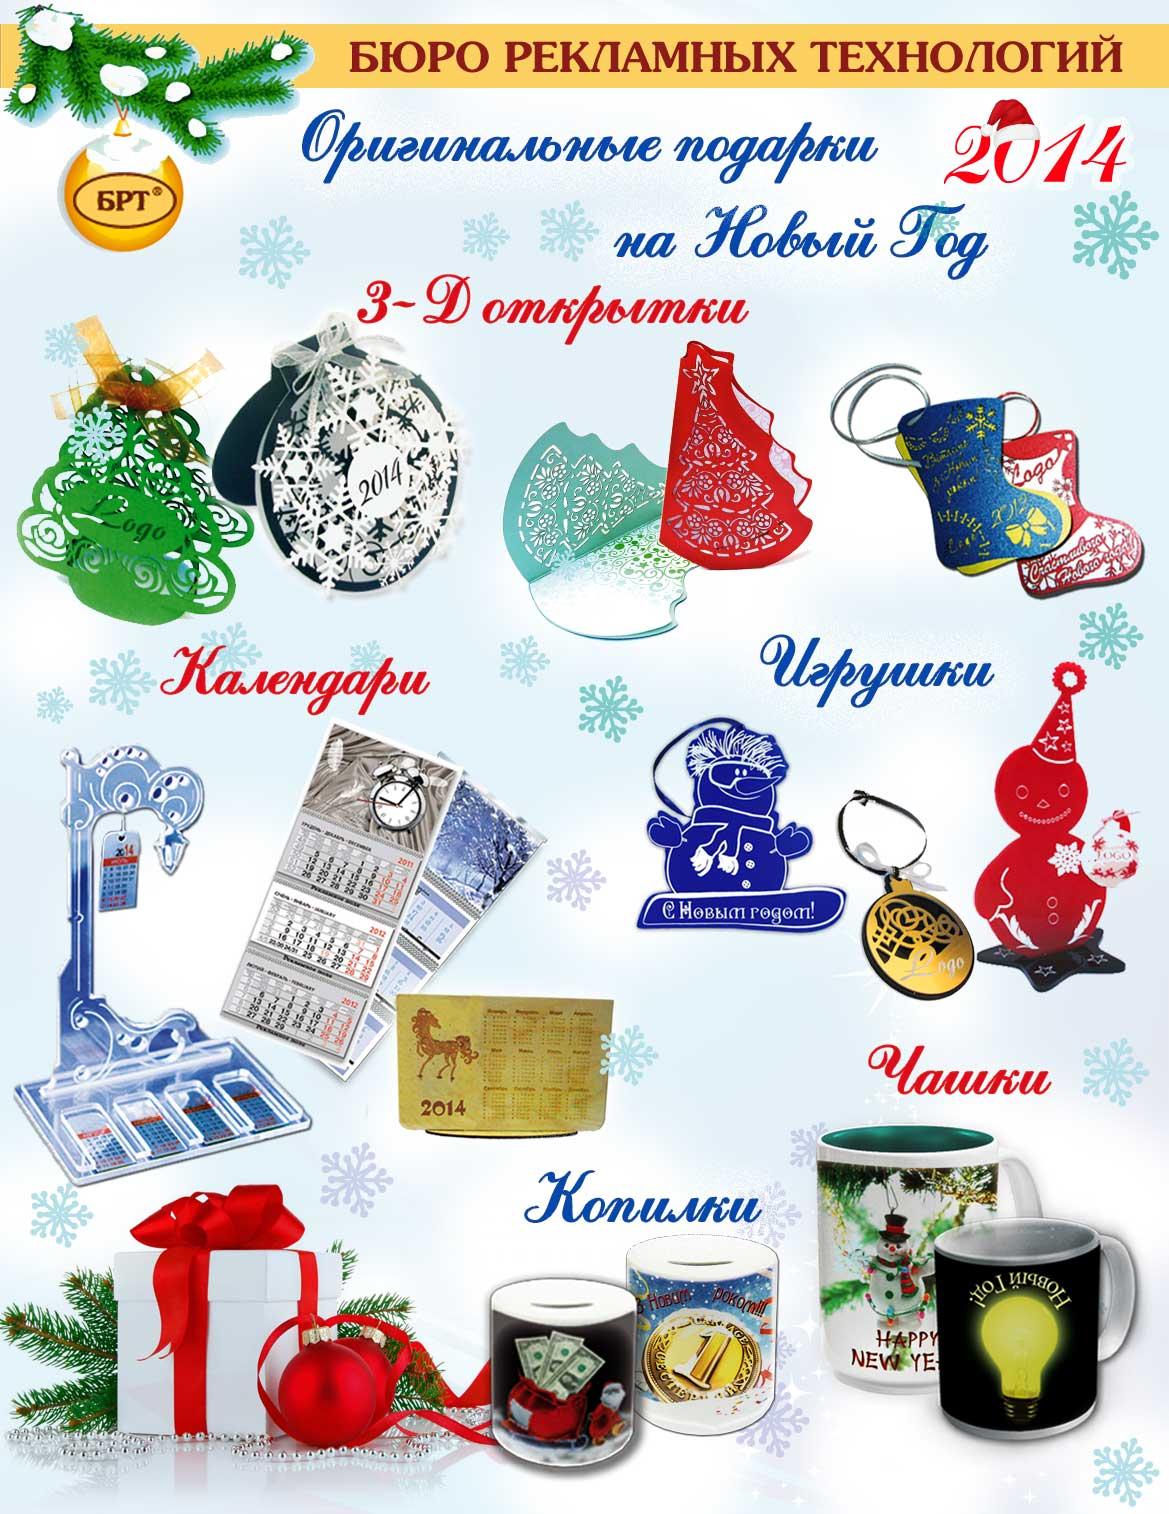 Все корпоративные подарки категории: Новогодние подарки 47